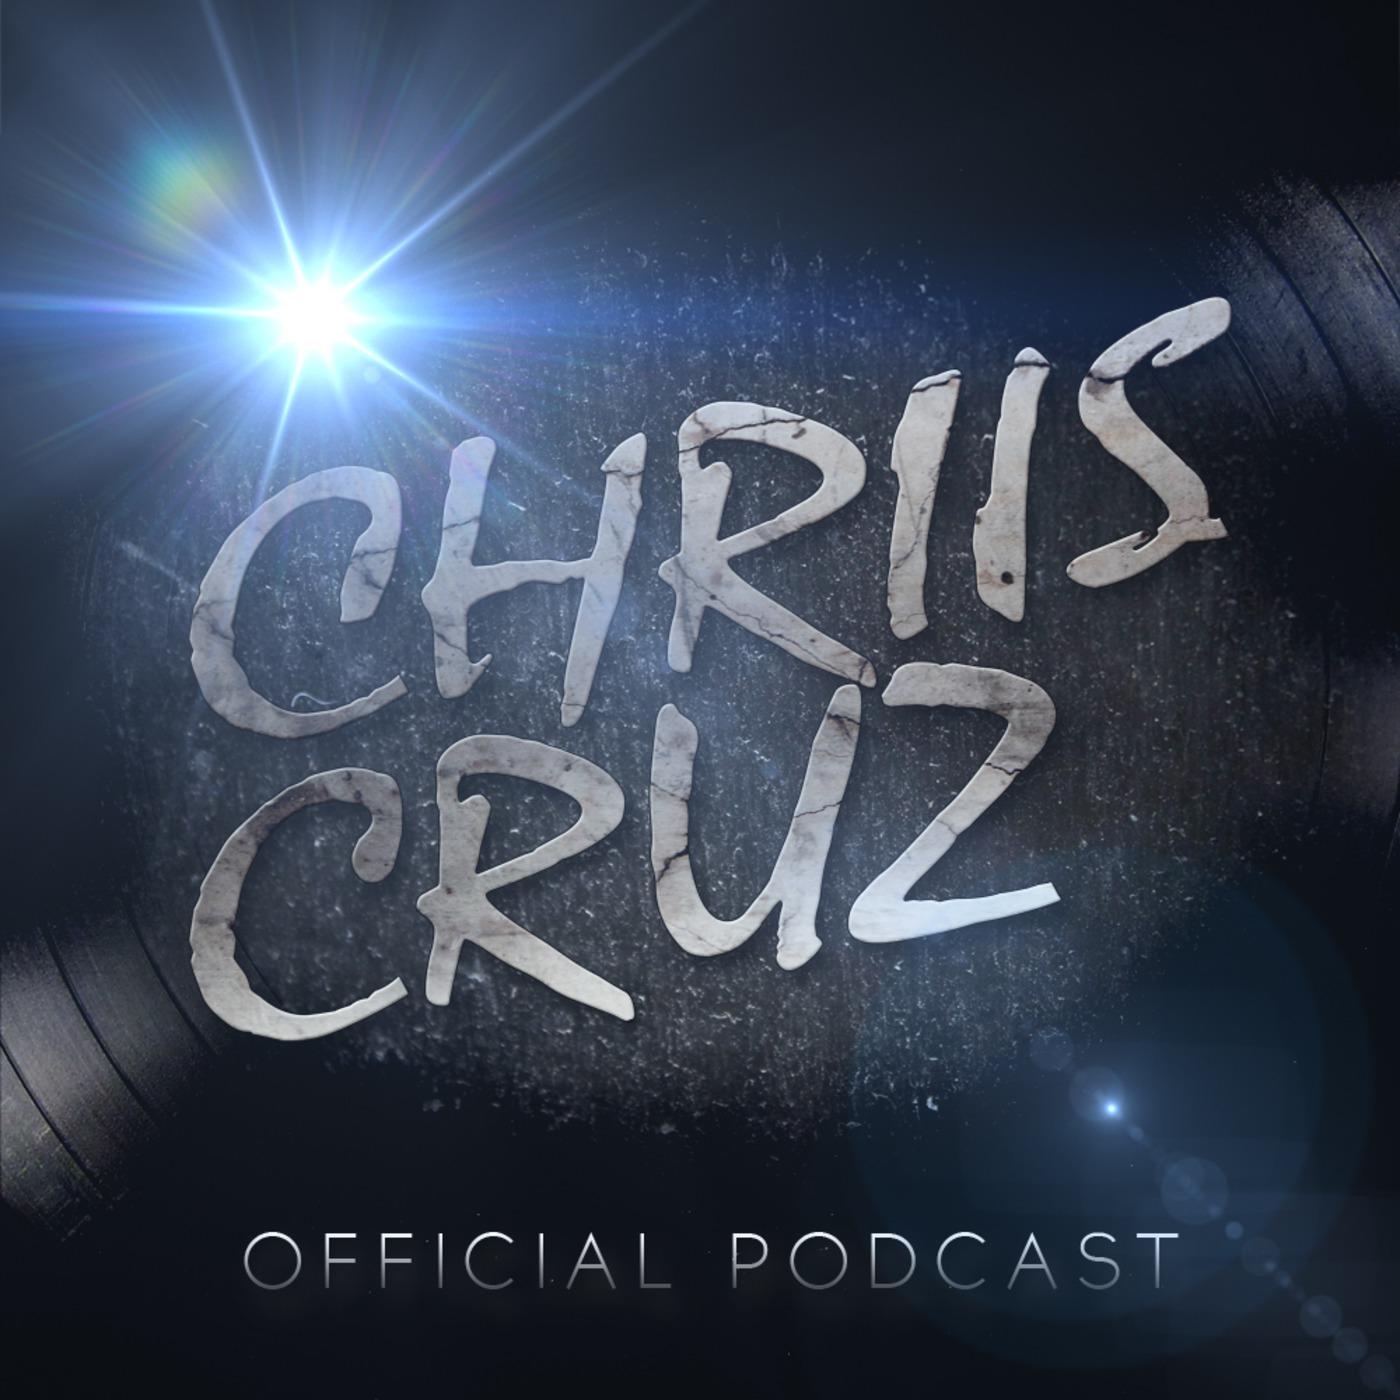 Chriis Cruz Official Podcast